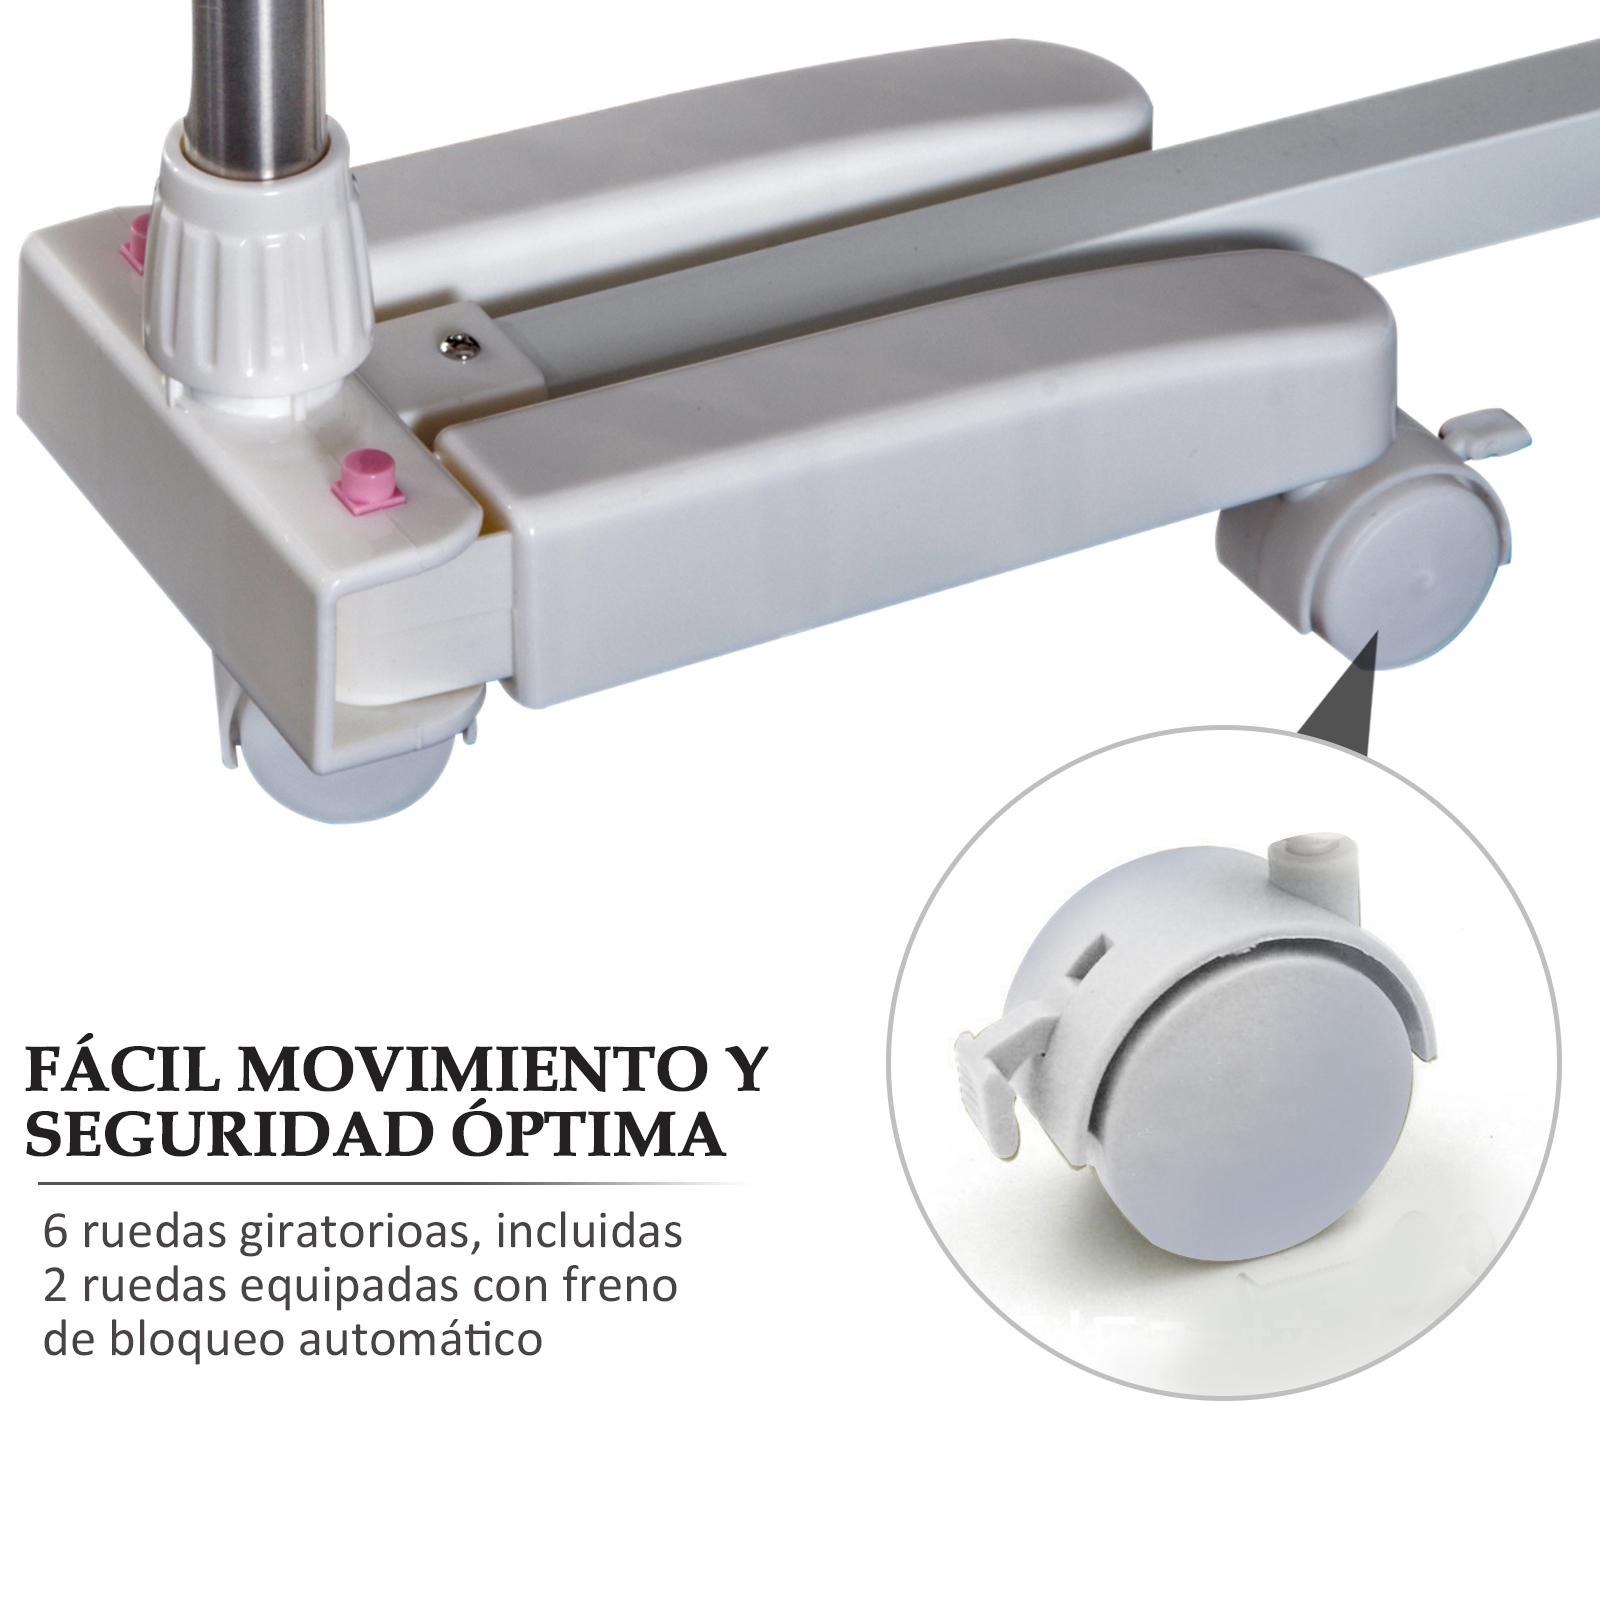 Tendedero-Plegable-6-Ruedas-3-y-4-Niveles-Estantes-Tubo-Acero-Inox-Tendero-Ropa miniatura 14